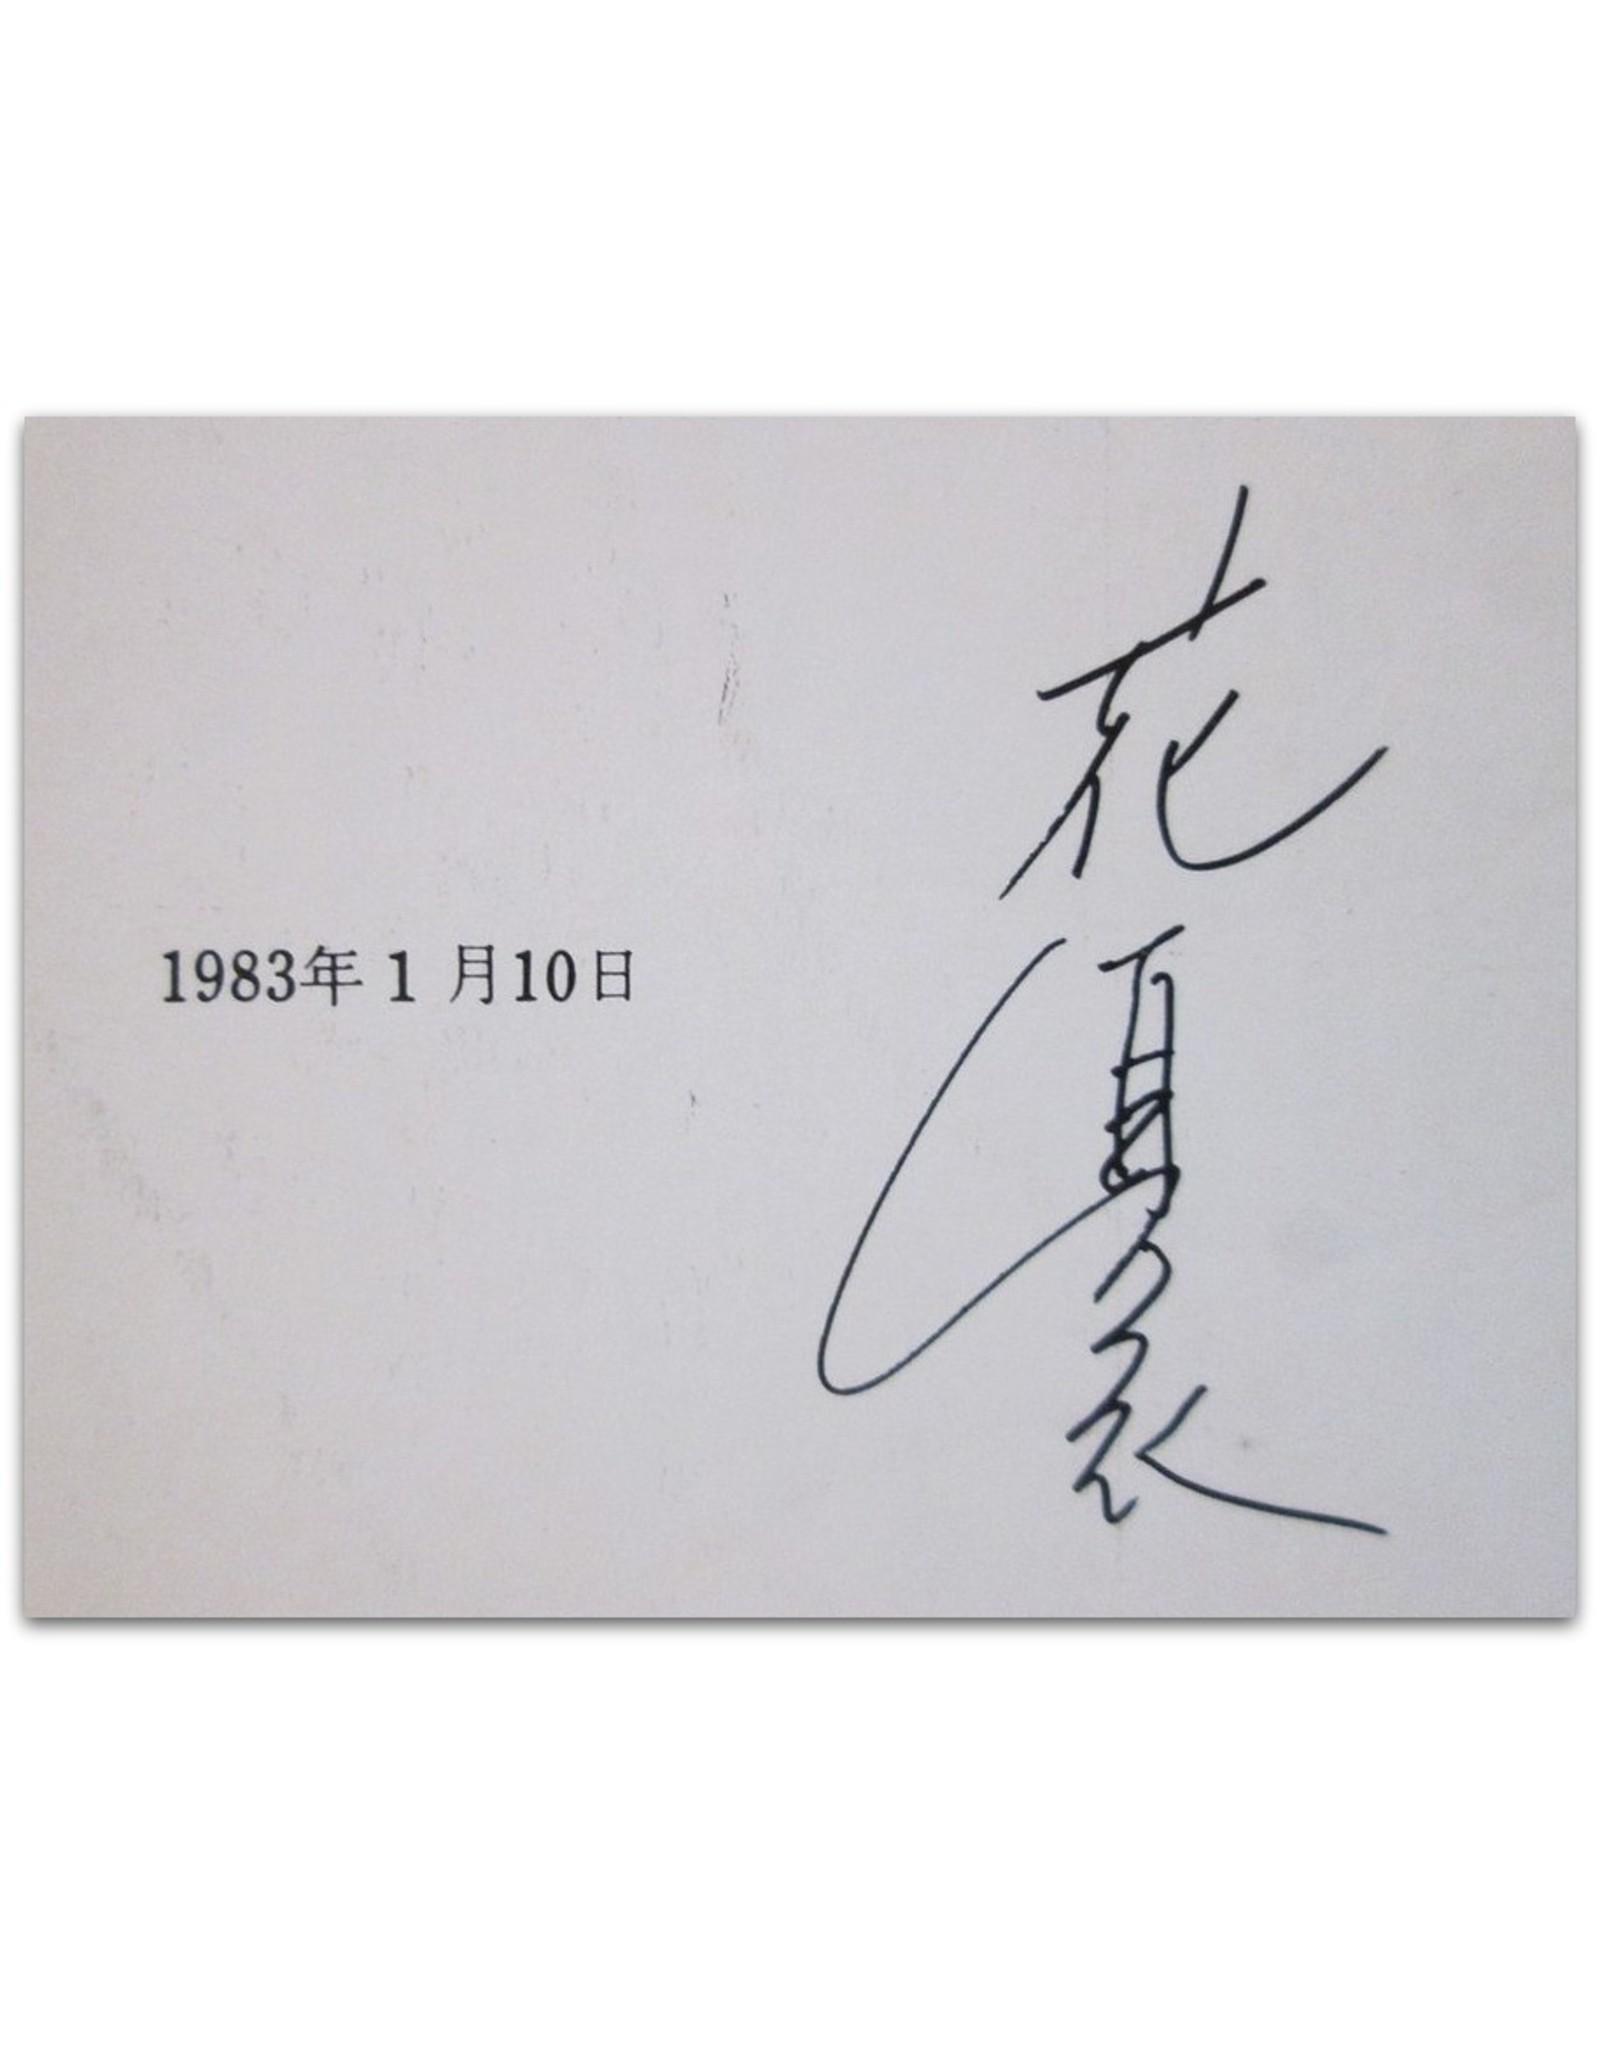 花真衣 刺青 写真集 [Hana Mai's Tattoo photo album]